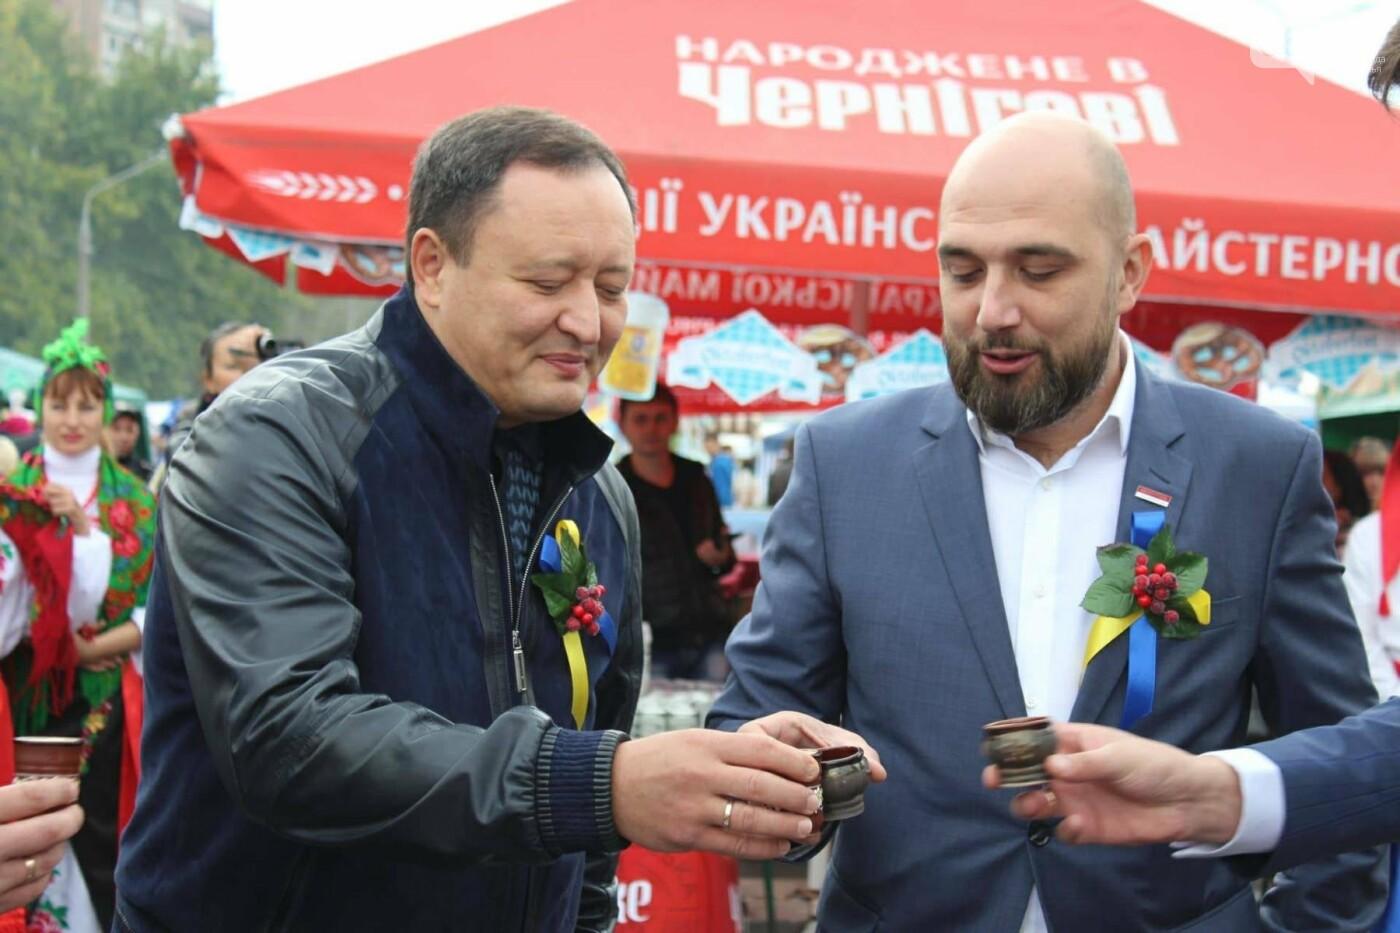 На Покровской ярмарке, несмотря на запрет, с самого утра продают алкоголь, - ФОТО, фото-1